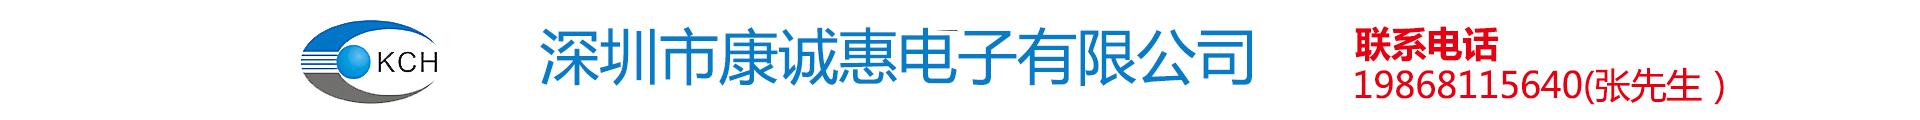 深圳市康誠惠電子科技有限公司